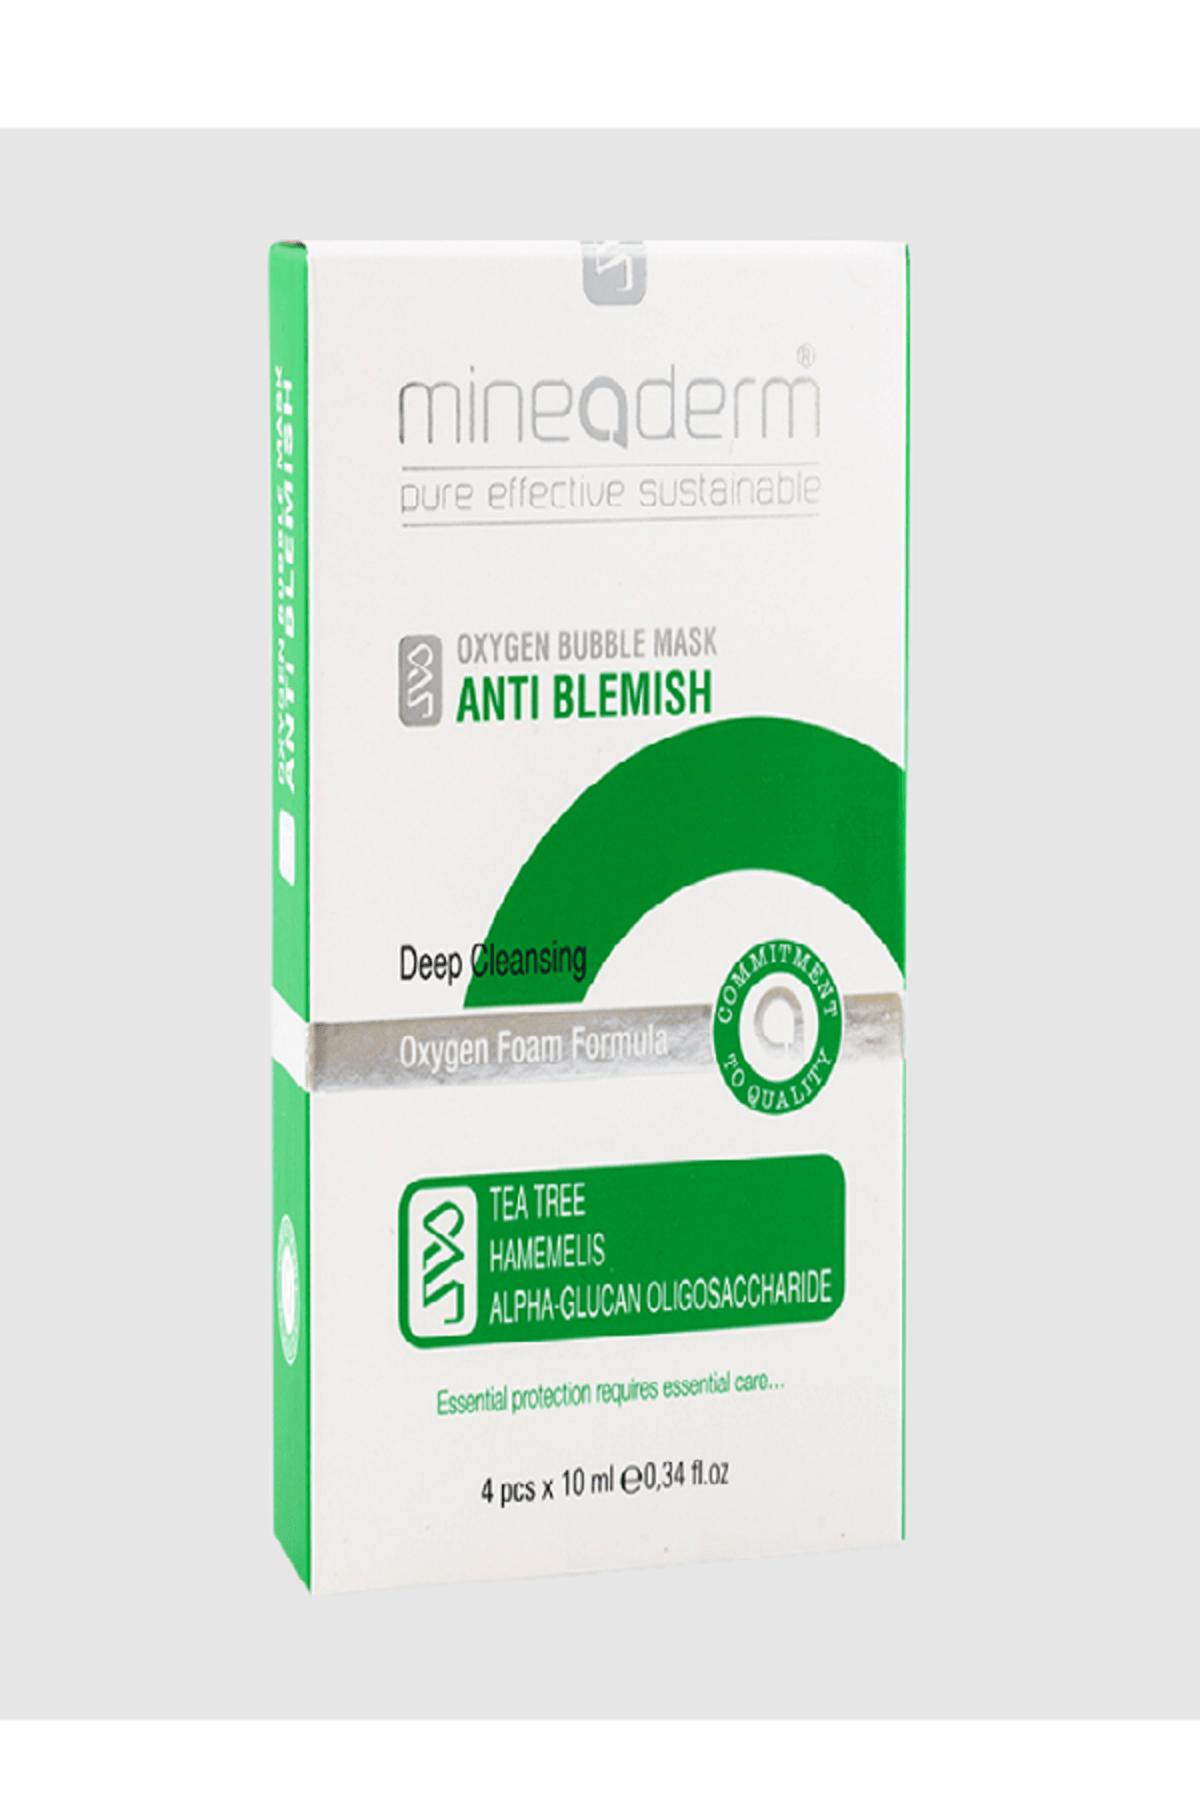 mineaderm Yağlı Ciltler İçin Arındırıcı Maske - Oxygen Bubble Mask Anti Blemish 4 x 10 ml 8680525352109